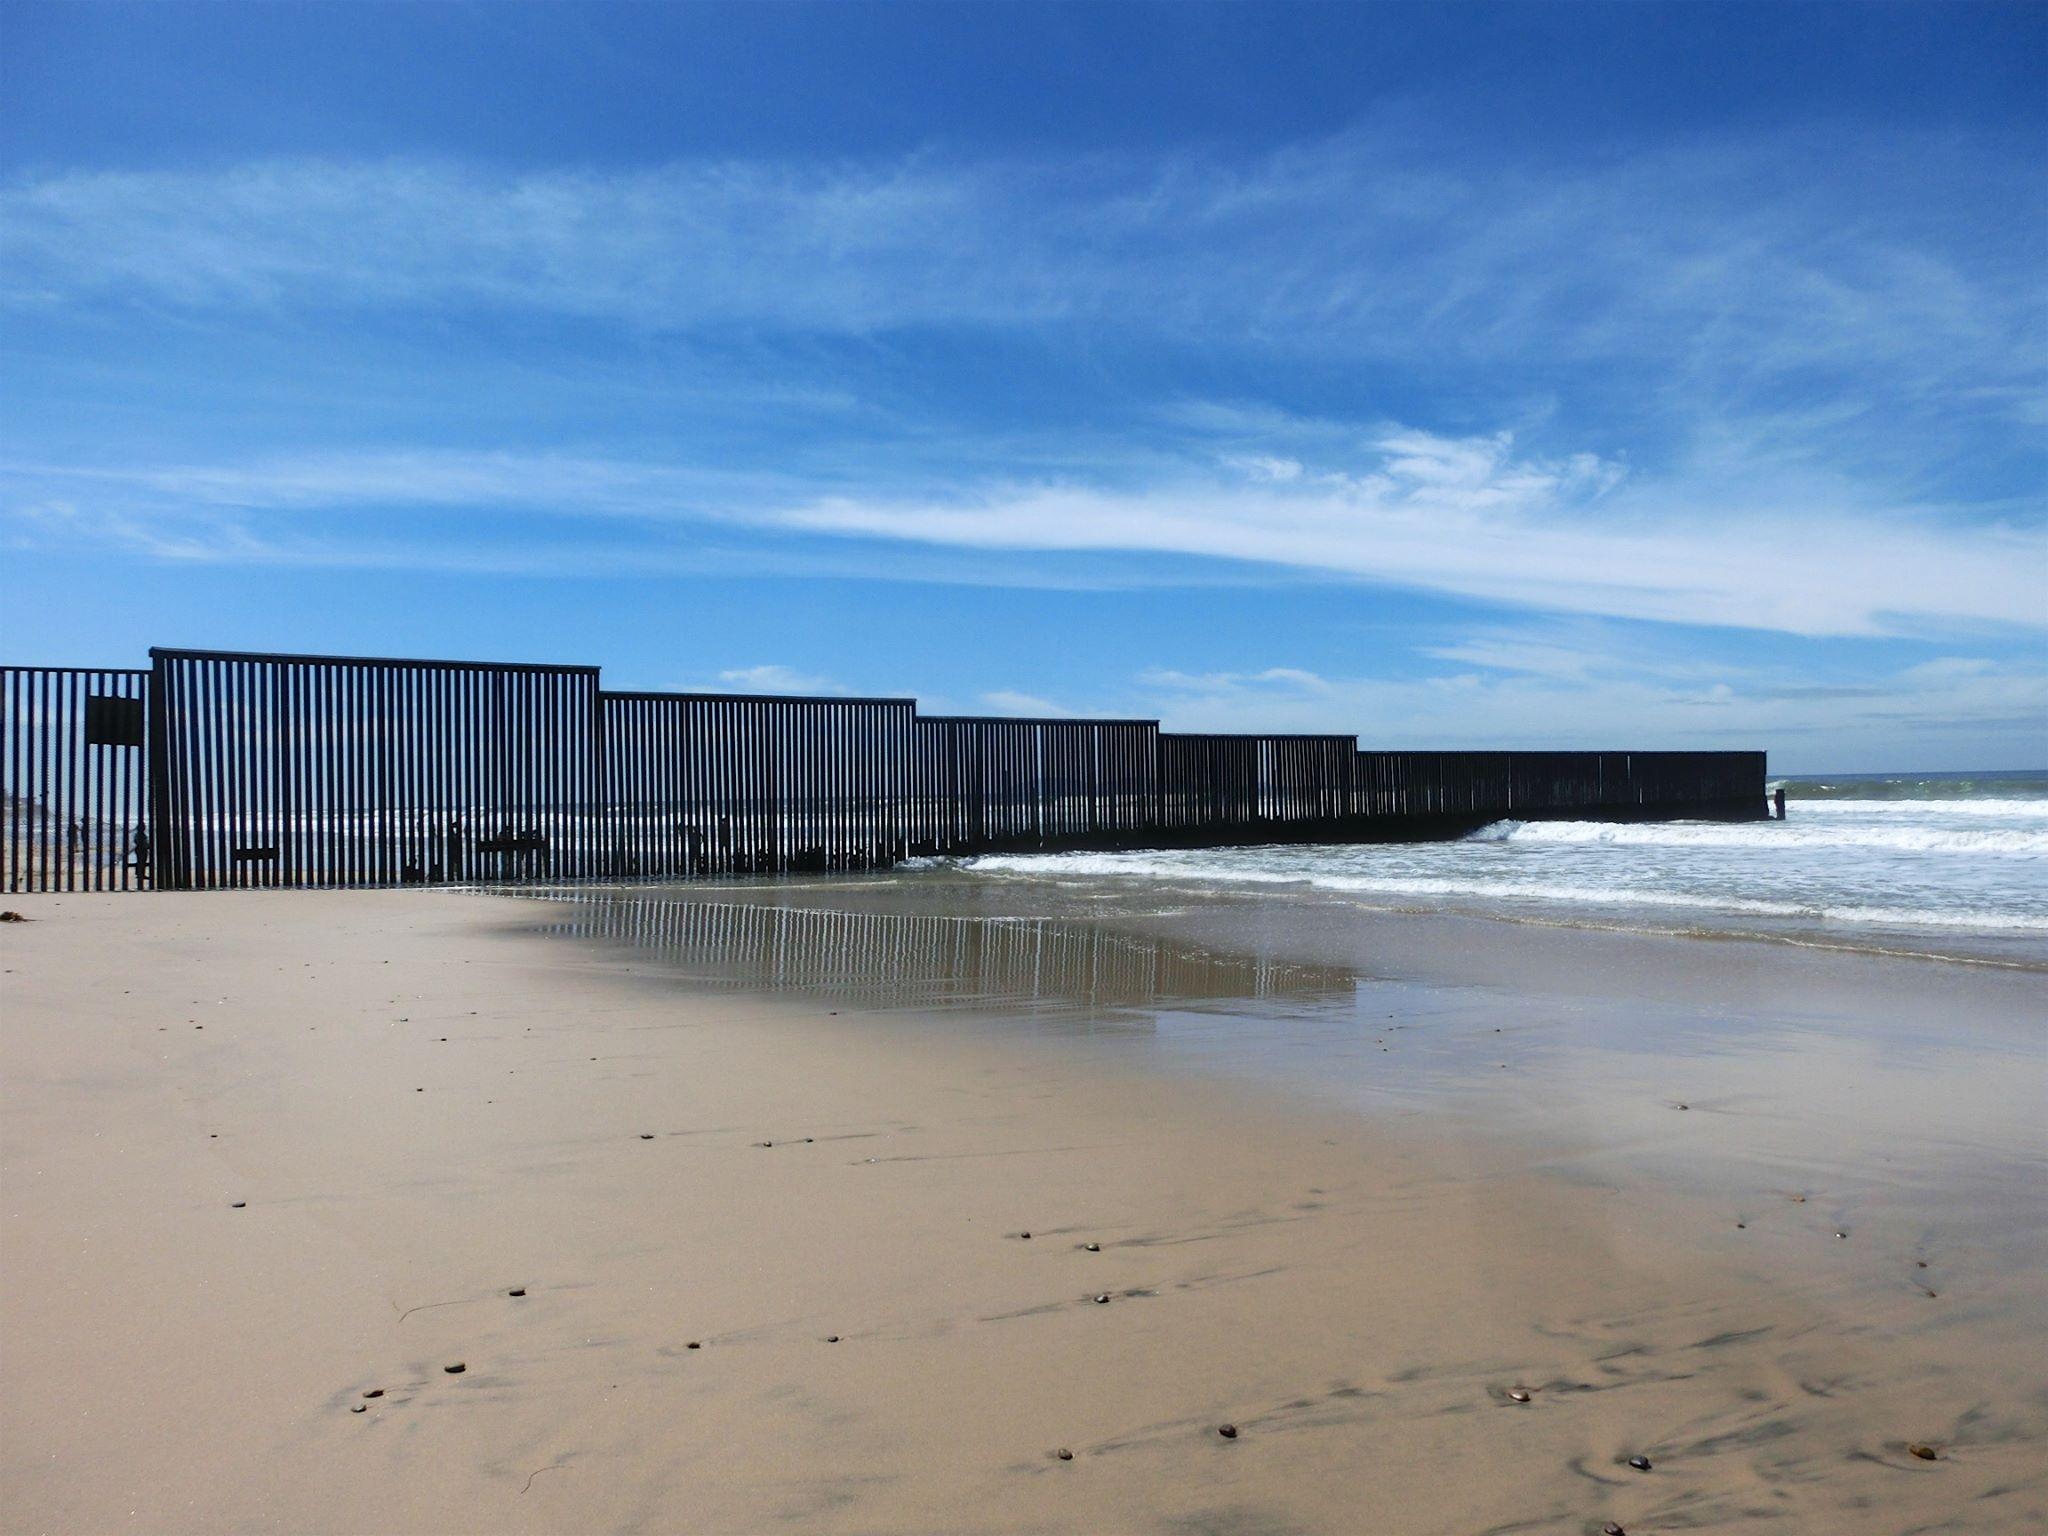 Grænsen til Mexico